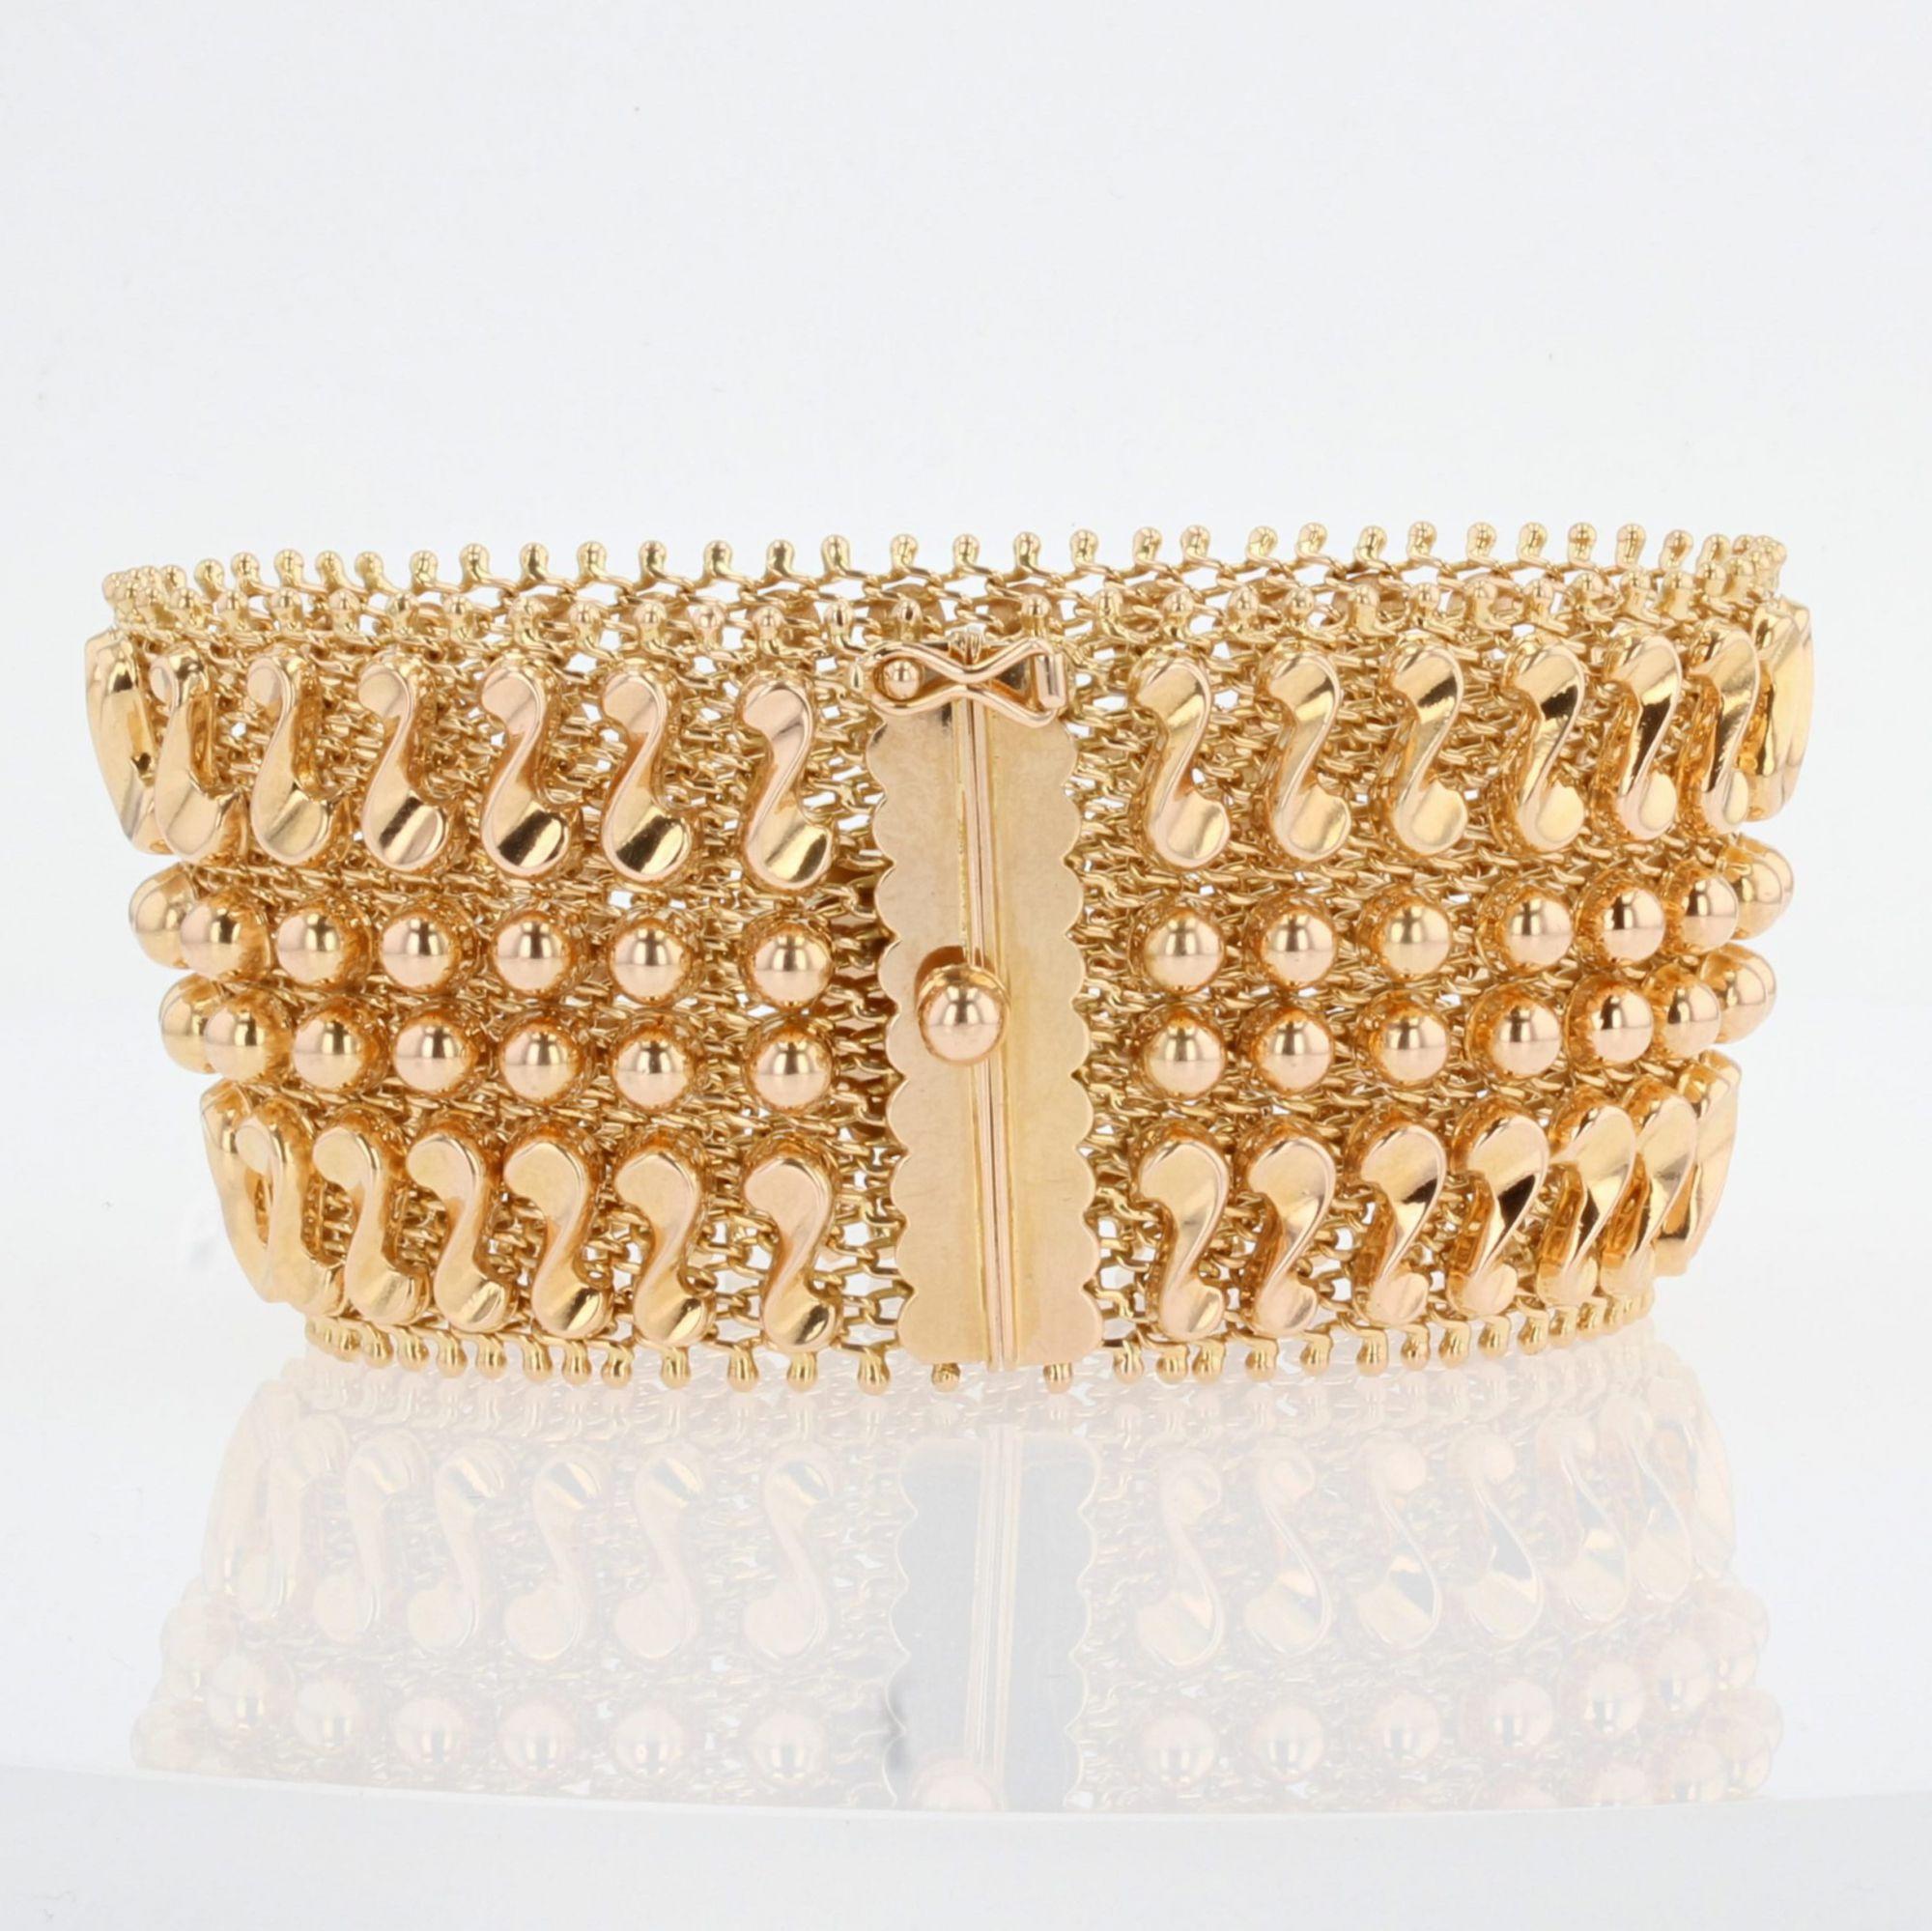 Bracelet rétro or souple tissé